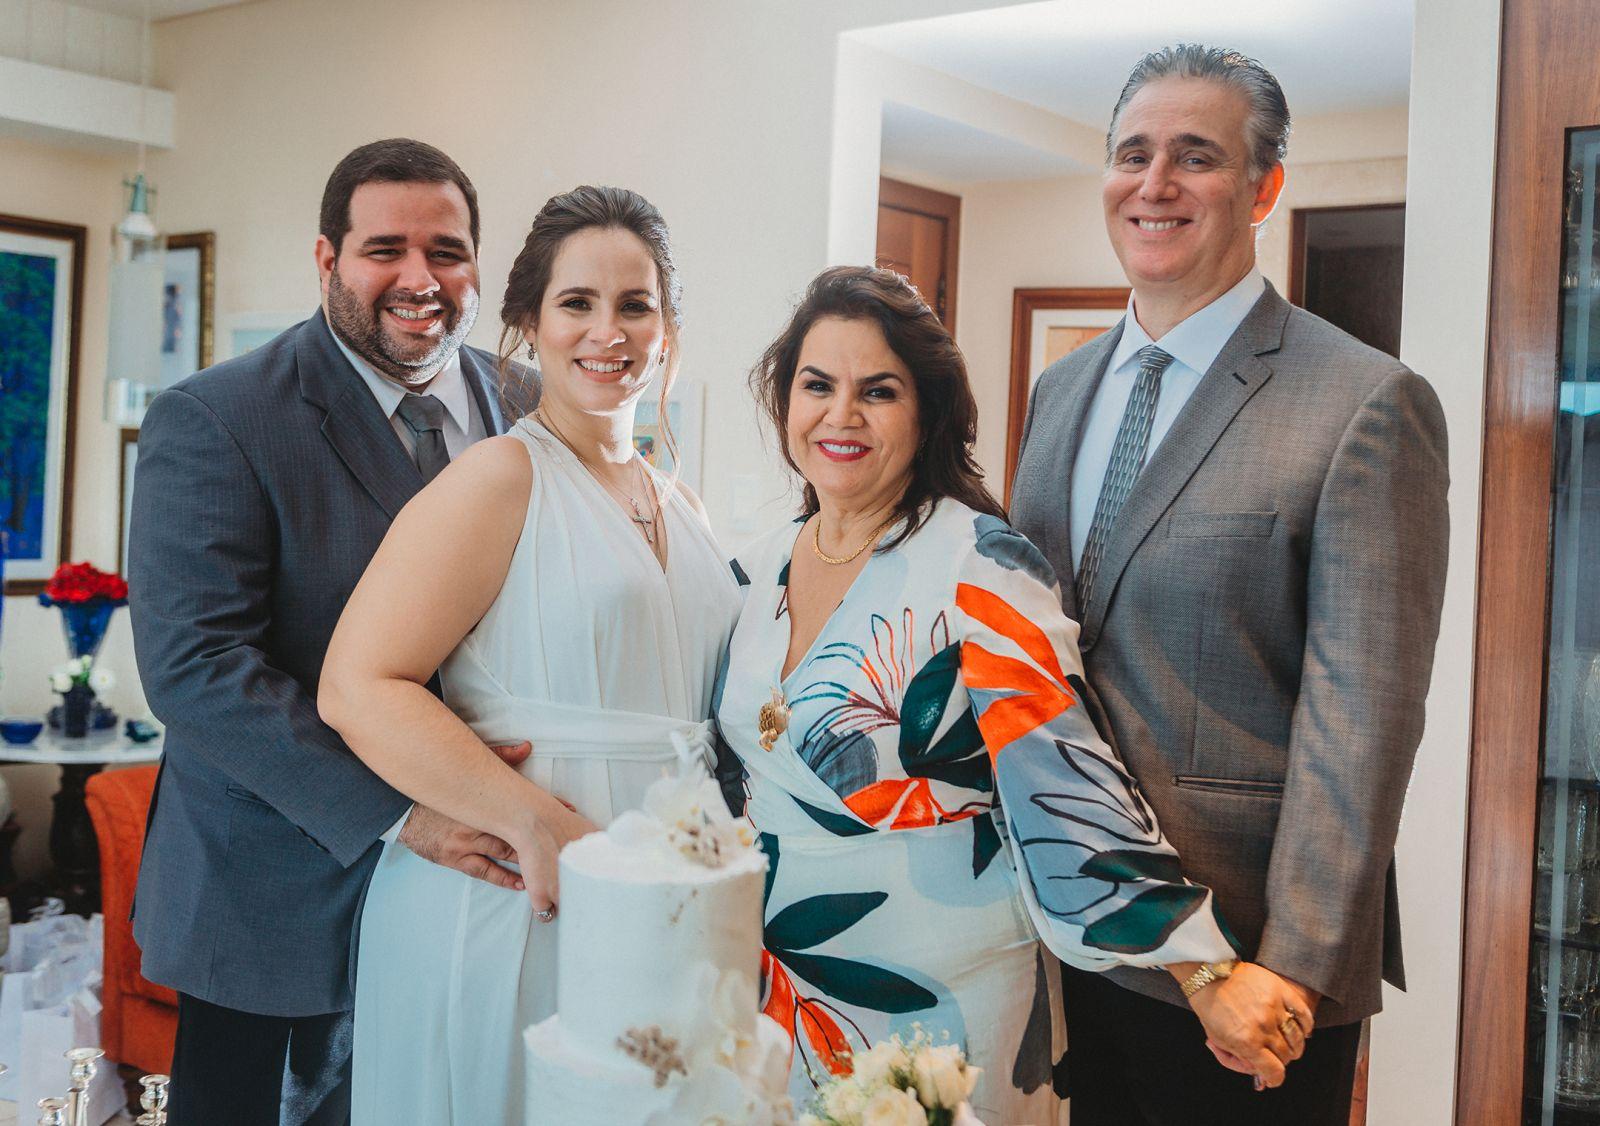 Casamento de Yasmin Guanaes Silva de Carvalho e Nadson Costa de Carvalho, dia dezenove de março.